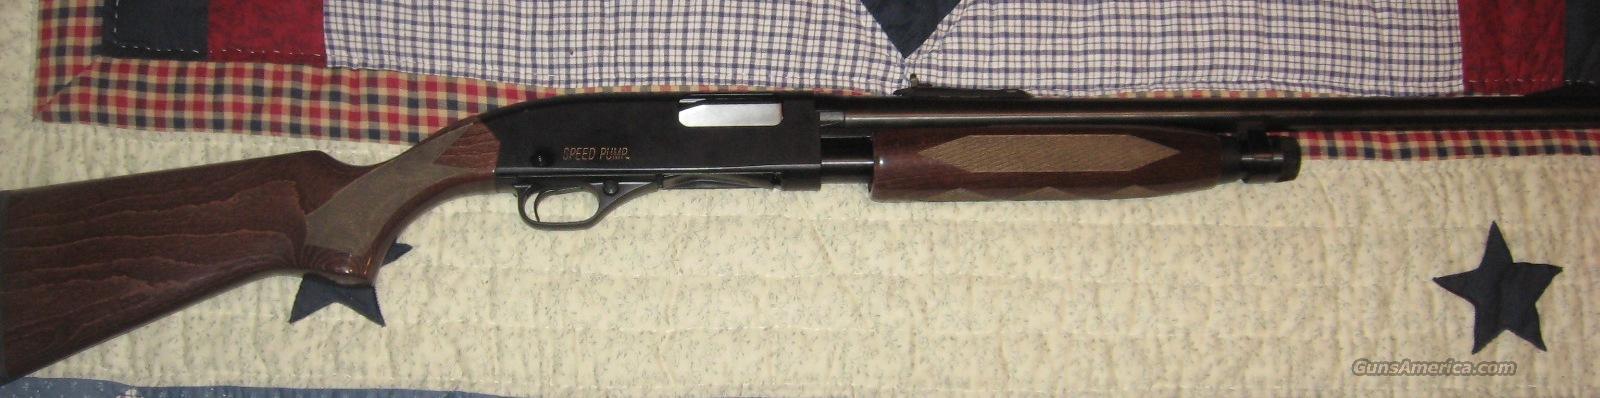 Winchester speed